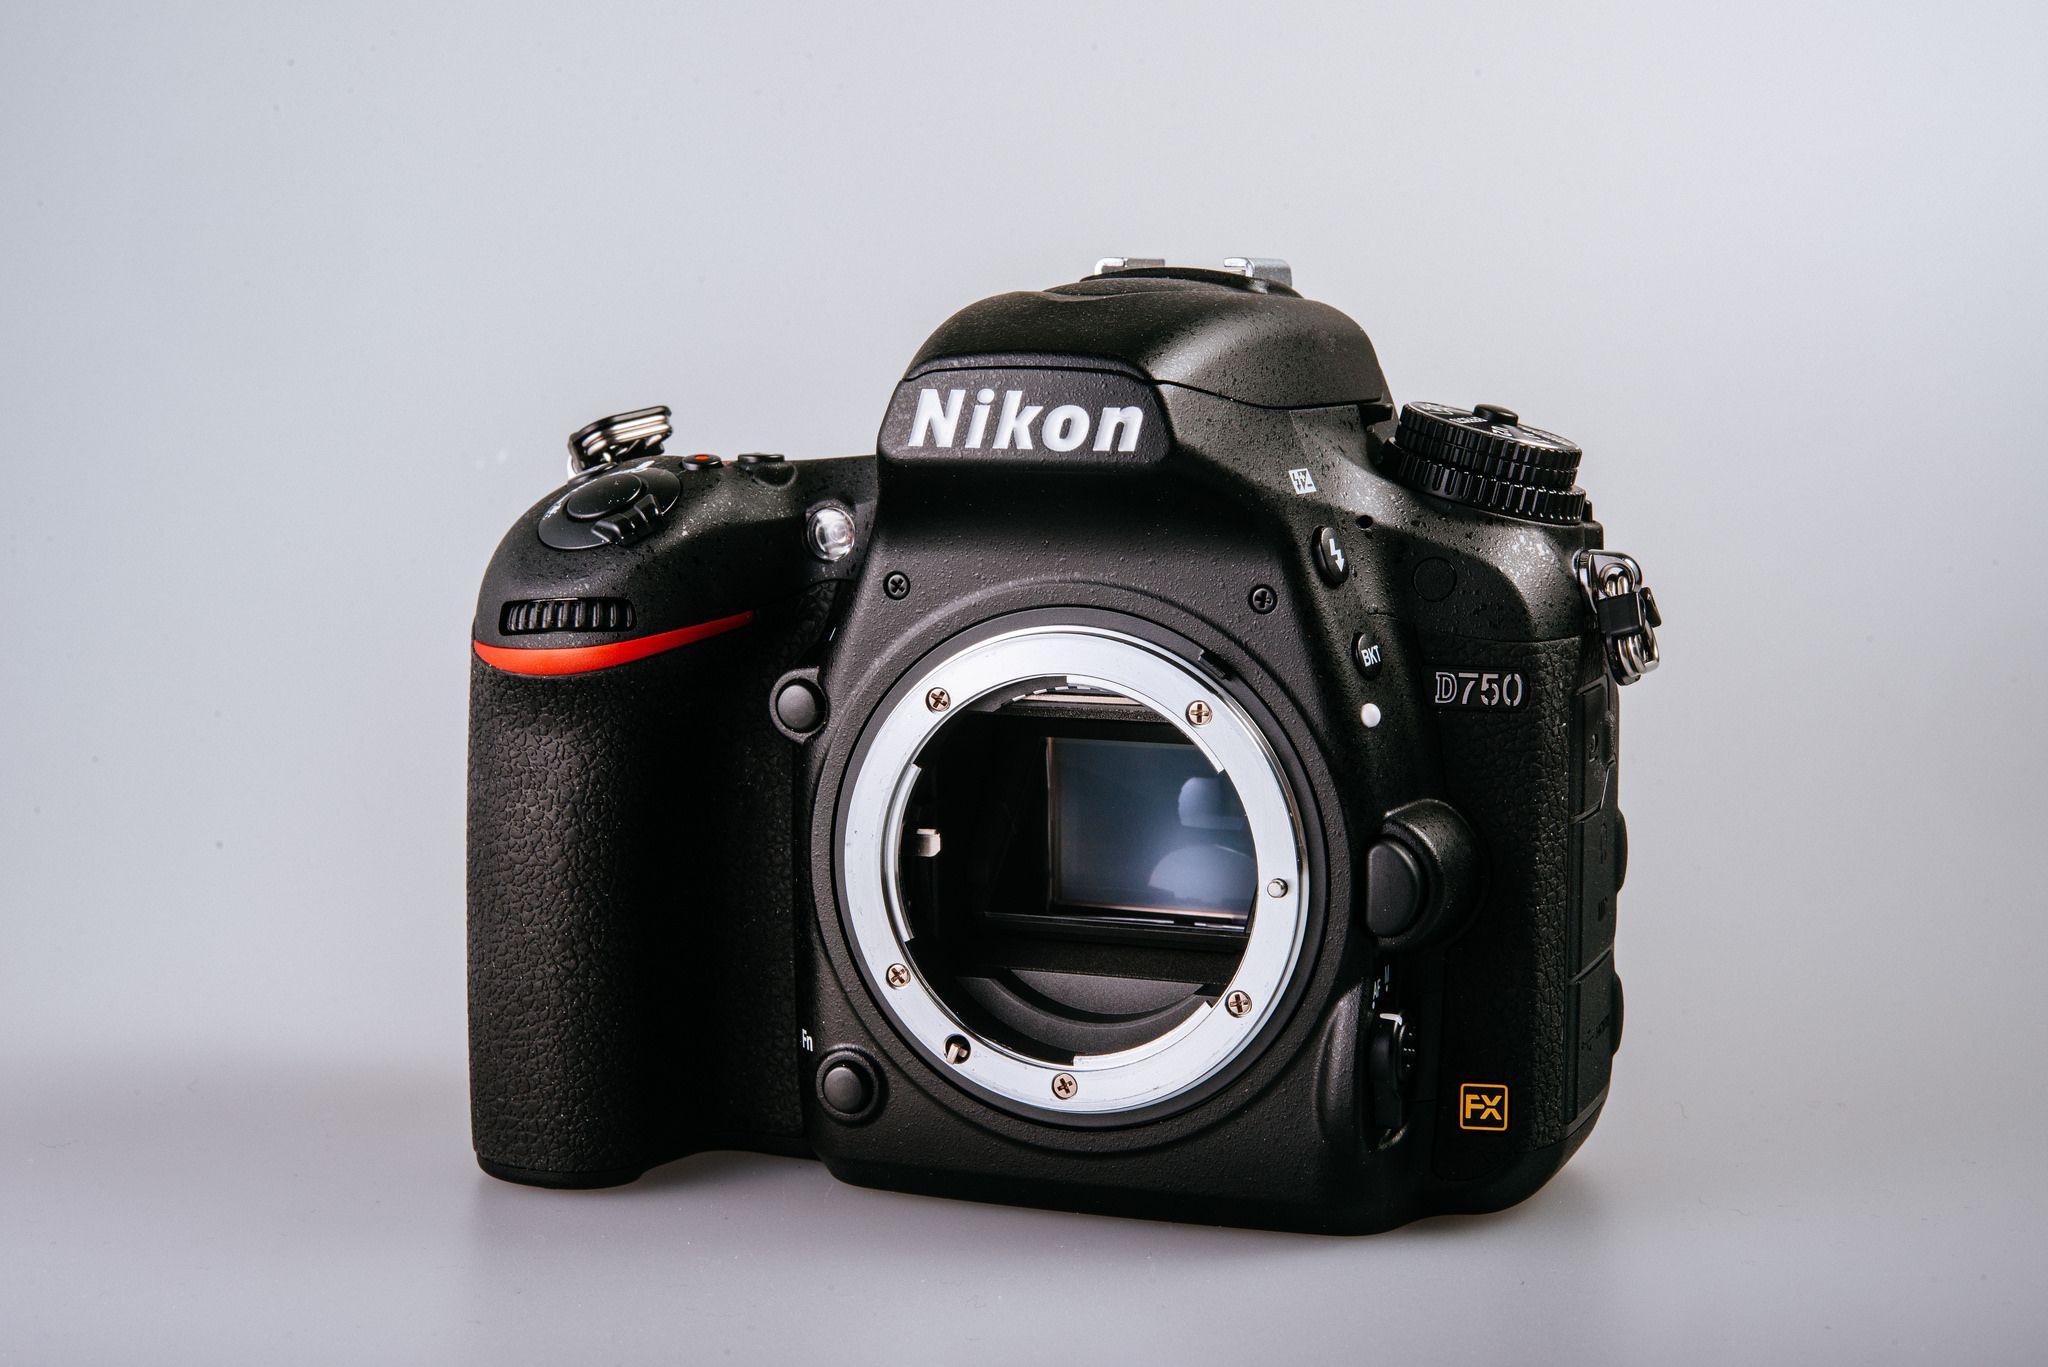 https://flic.kr/p/q4STLx | Nikon D750 Review | www.nikonjin.com/2014/11/nikon-d750-review/